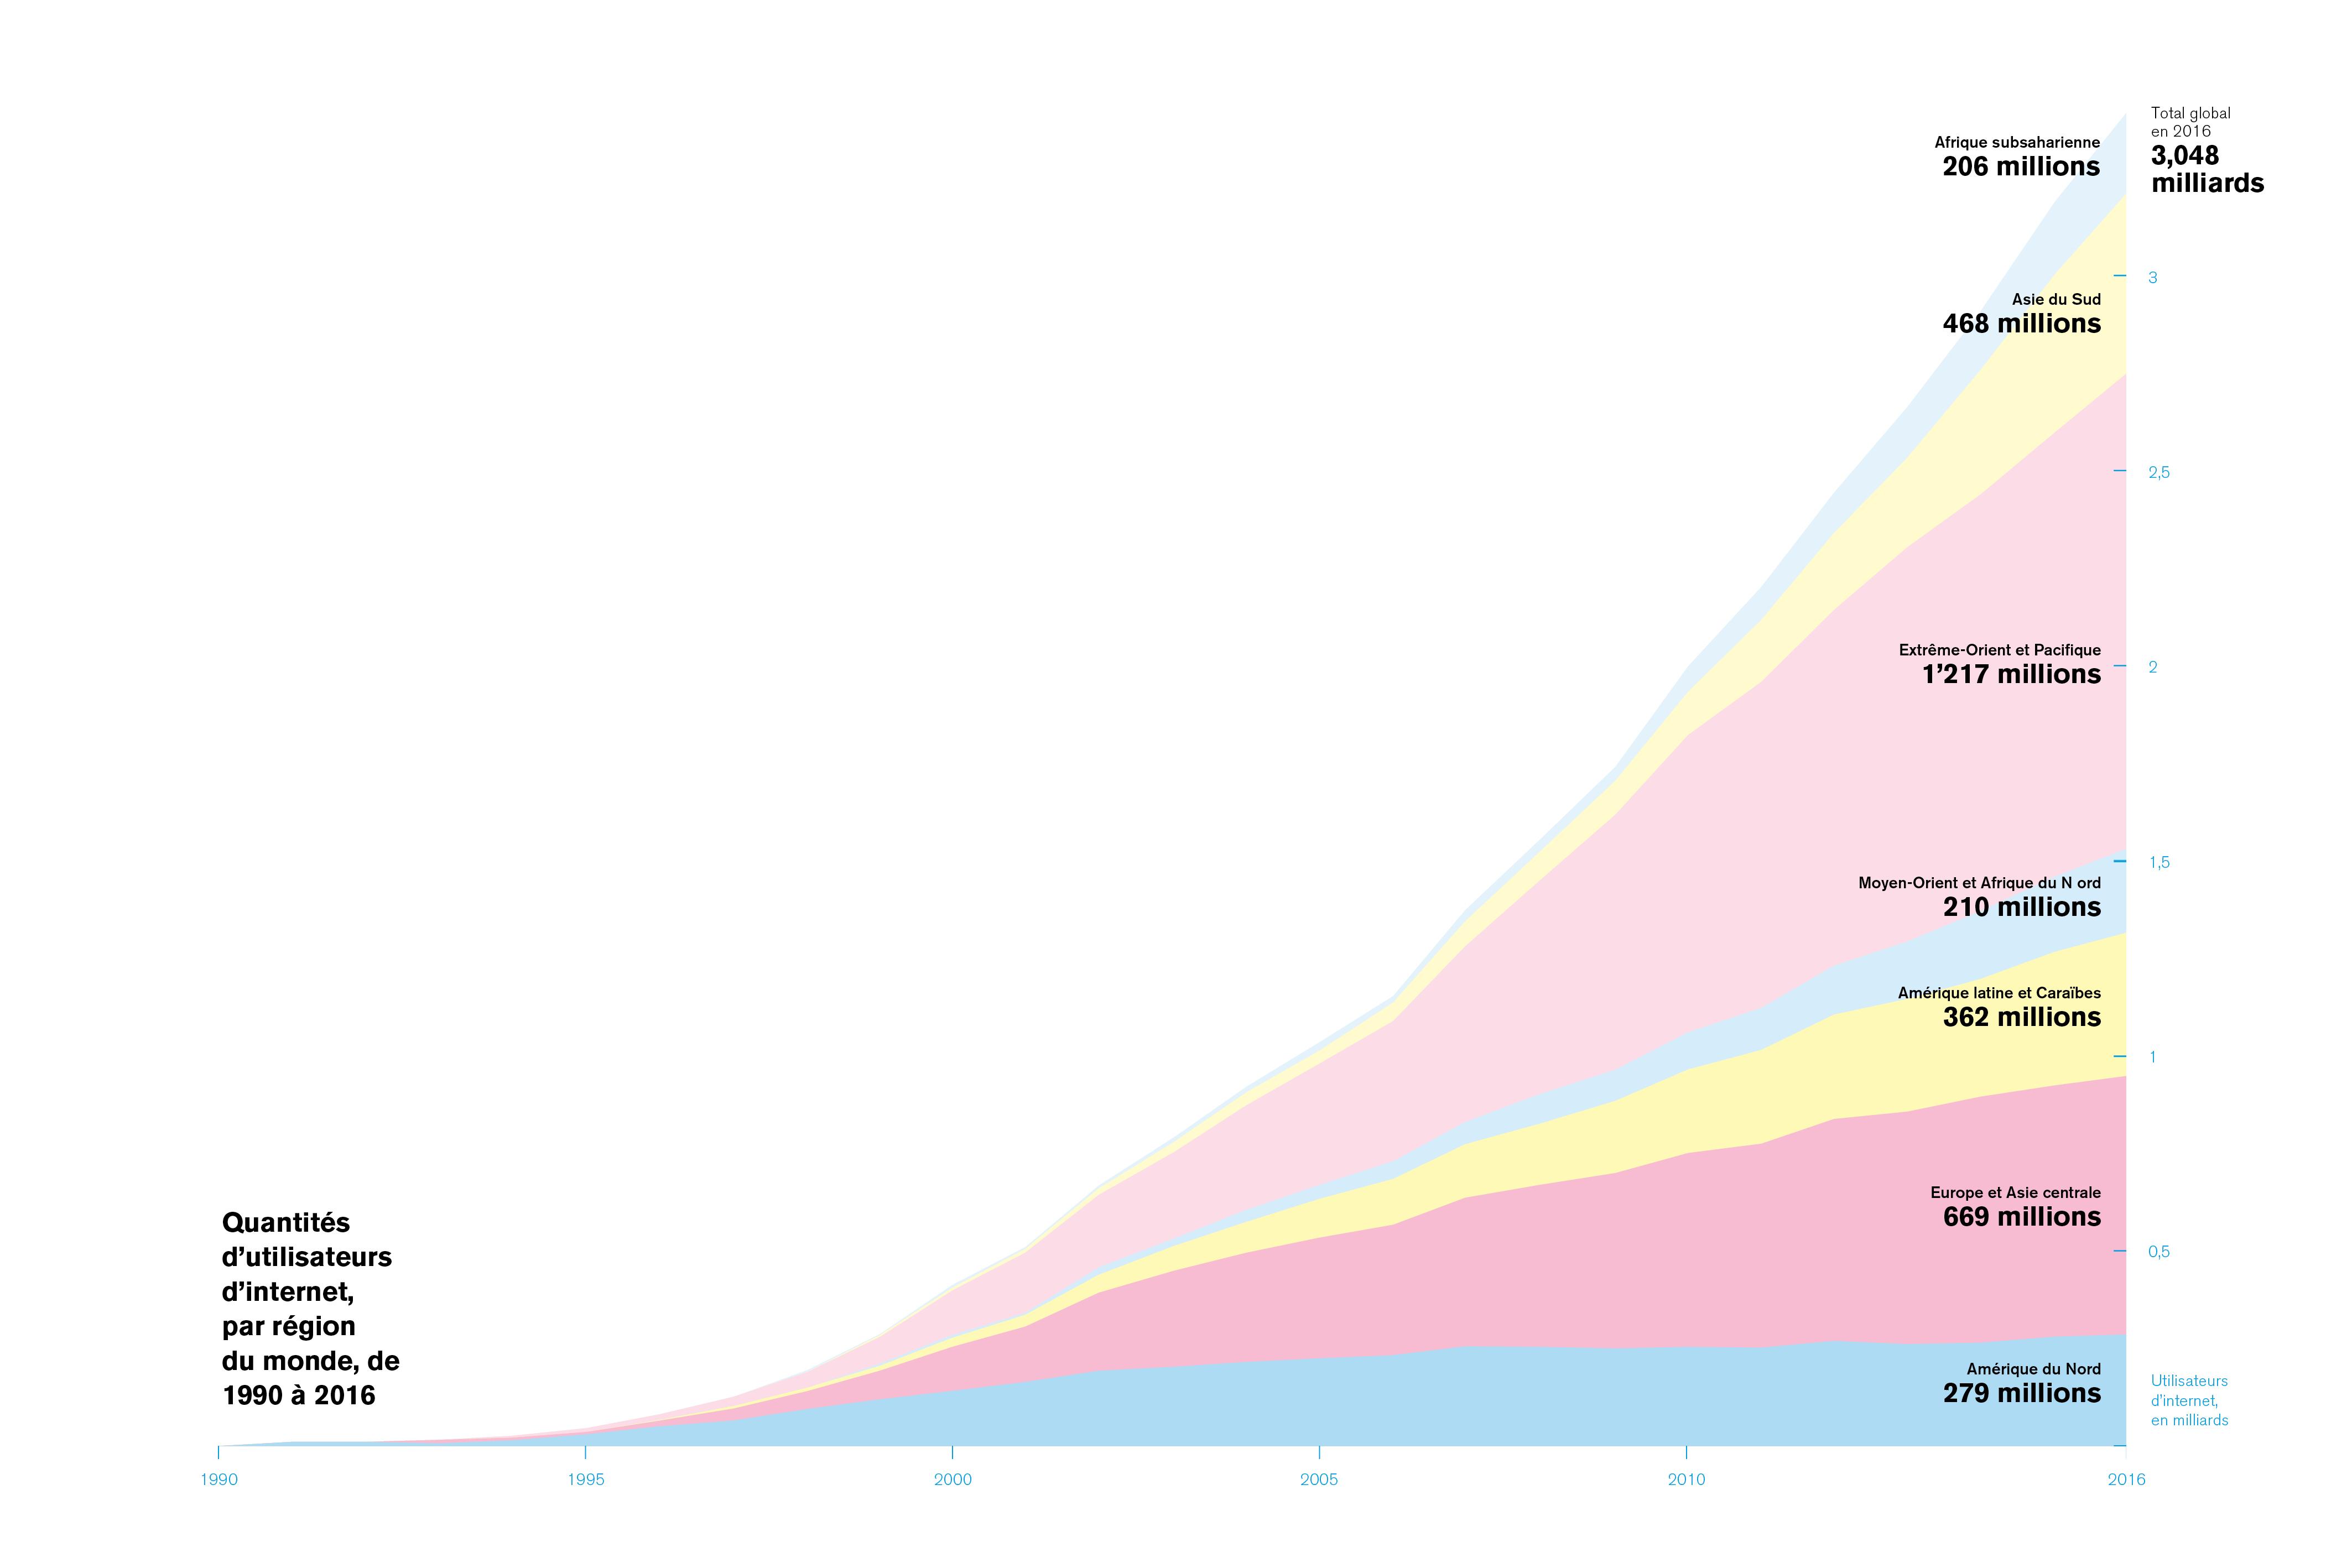 « La pollution numérique, une solution plutôt qu'un problème? » //www.revuehemispheres.com